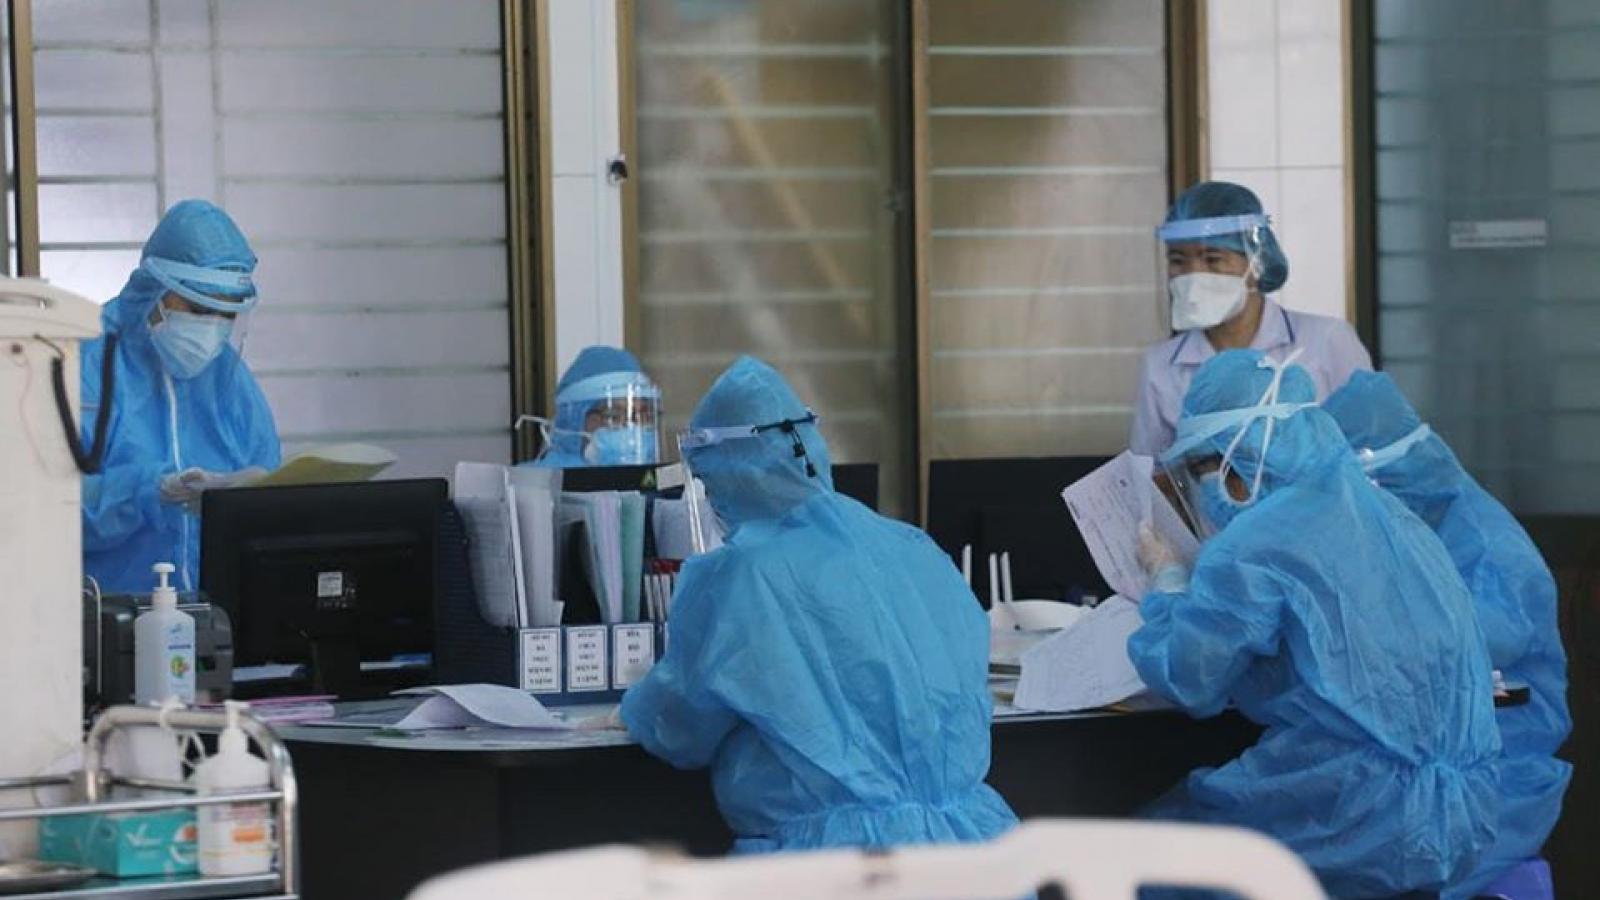 Thêm 1 ca dương tính với SARS-CoV-2 liên quan đến Bệnh viện K